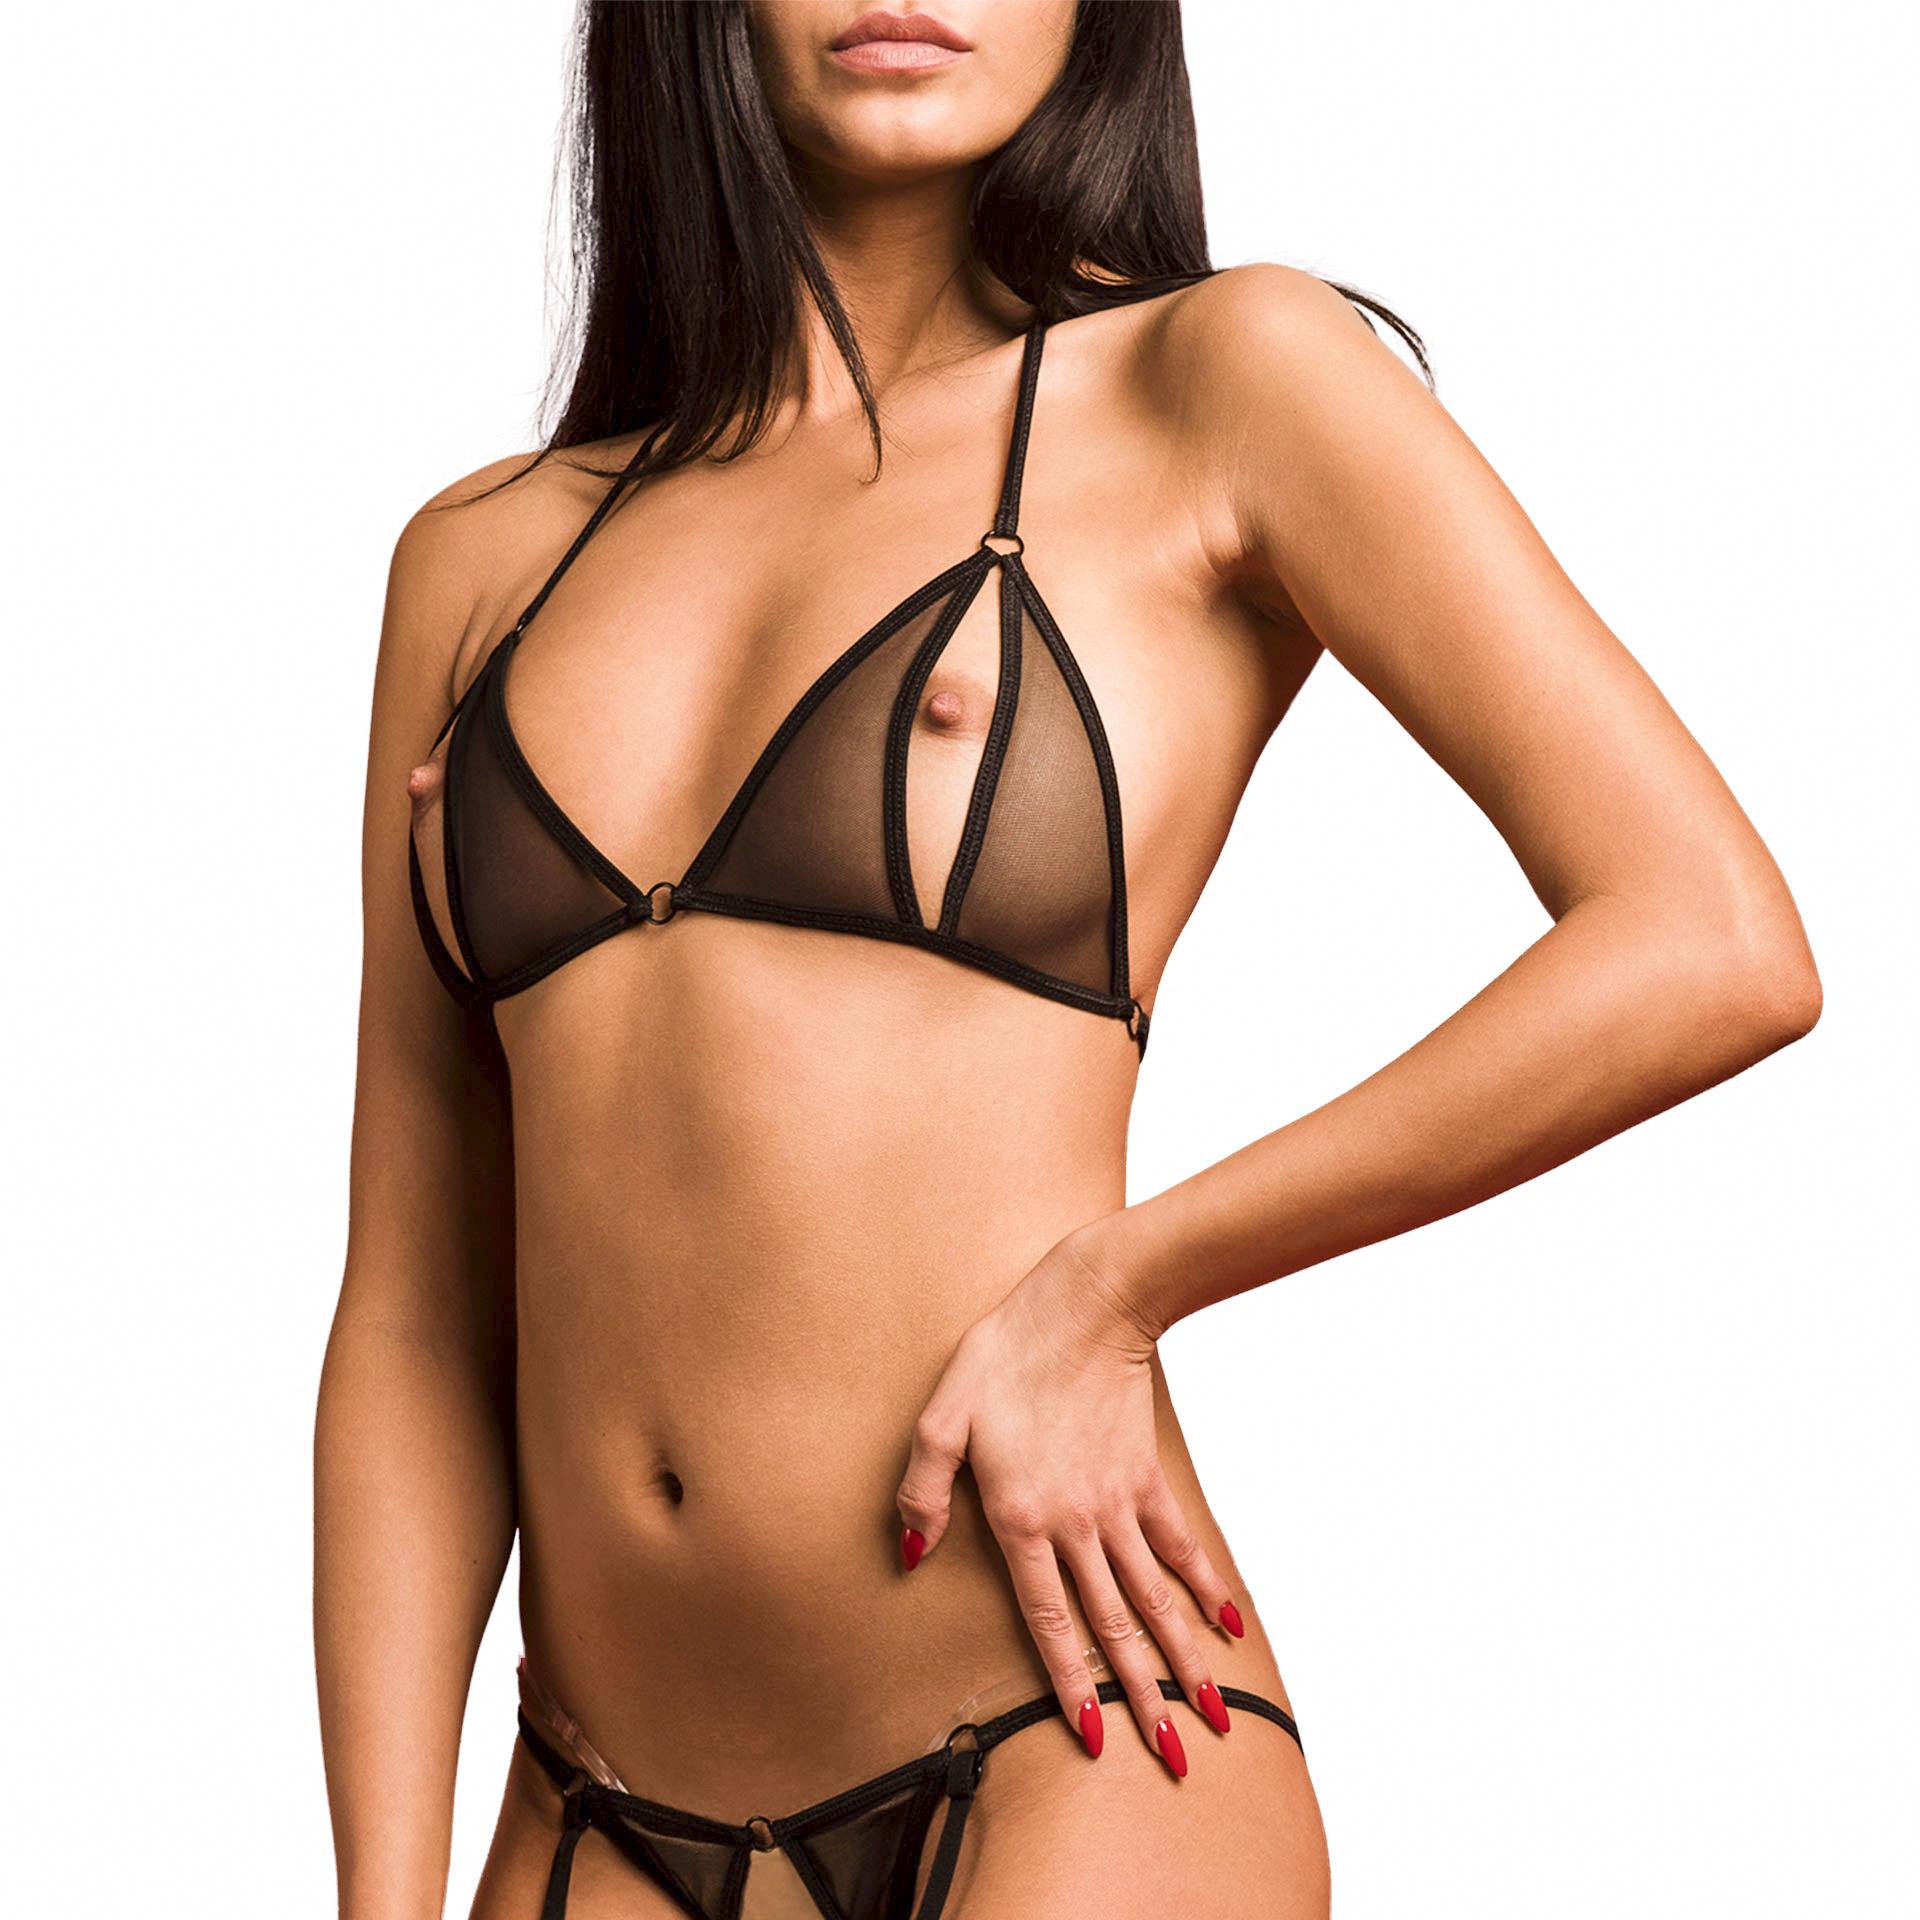 Sélection de soutien gorge avec BALSAMIK. Le soutien gorge est le sous-vêtement féminin par excellence, indispensable pour assurer un bon maintien et sublimer notre silhouette.